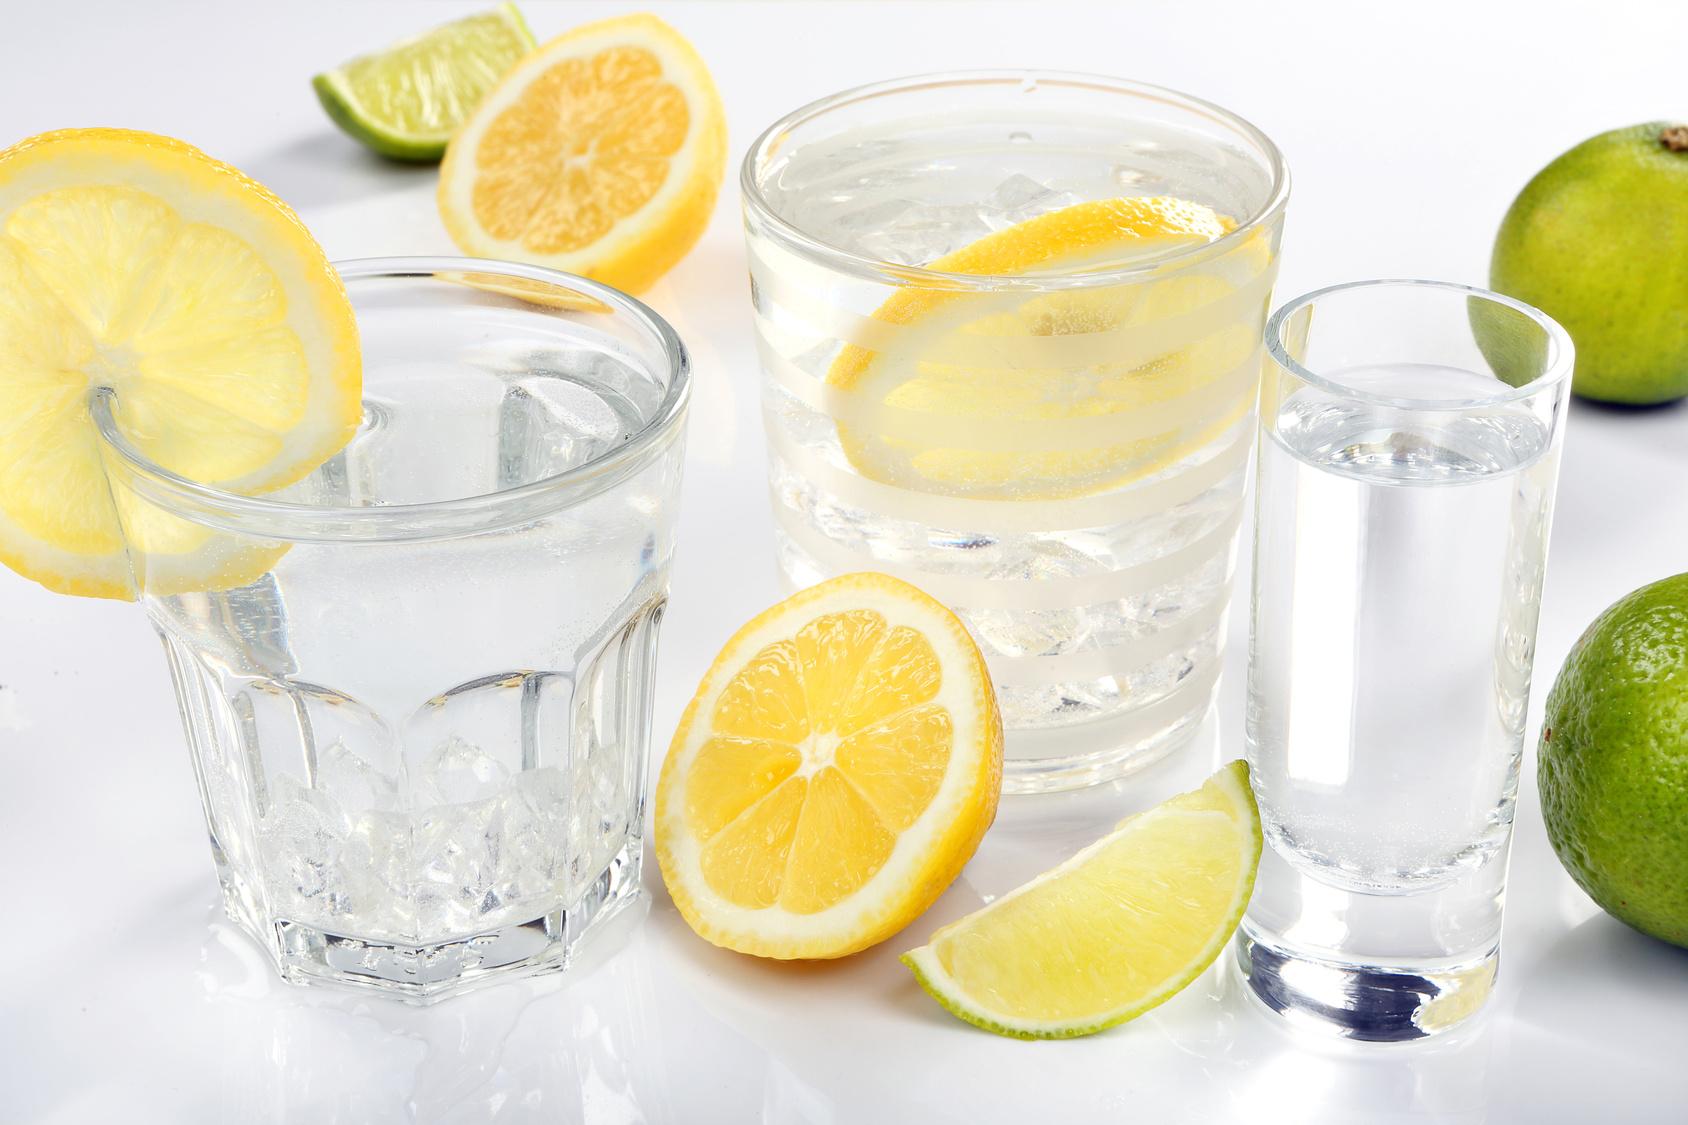 Wasser mit Zitrone für einen gesunden Stoffwechsel